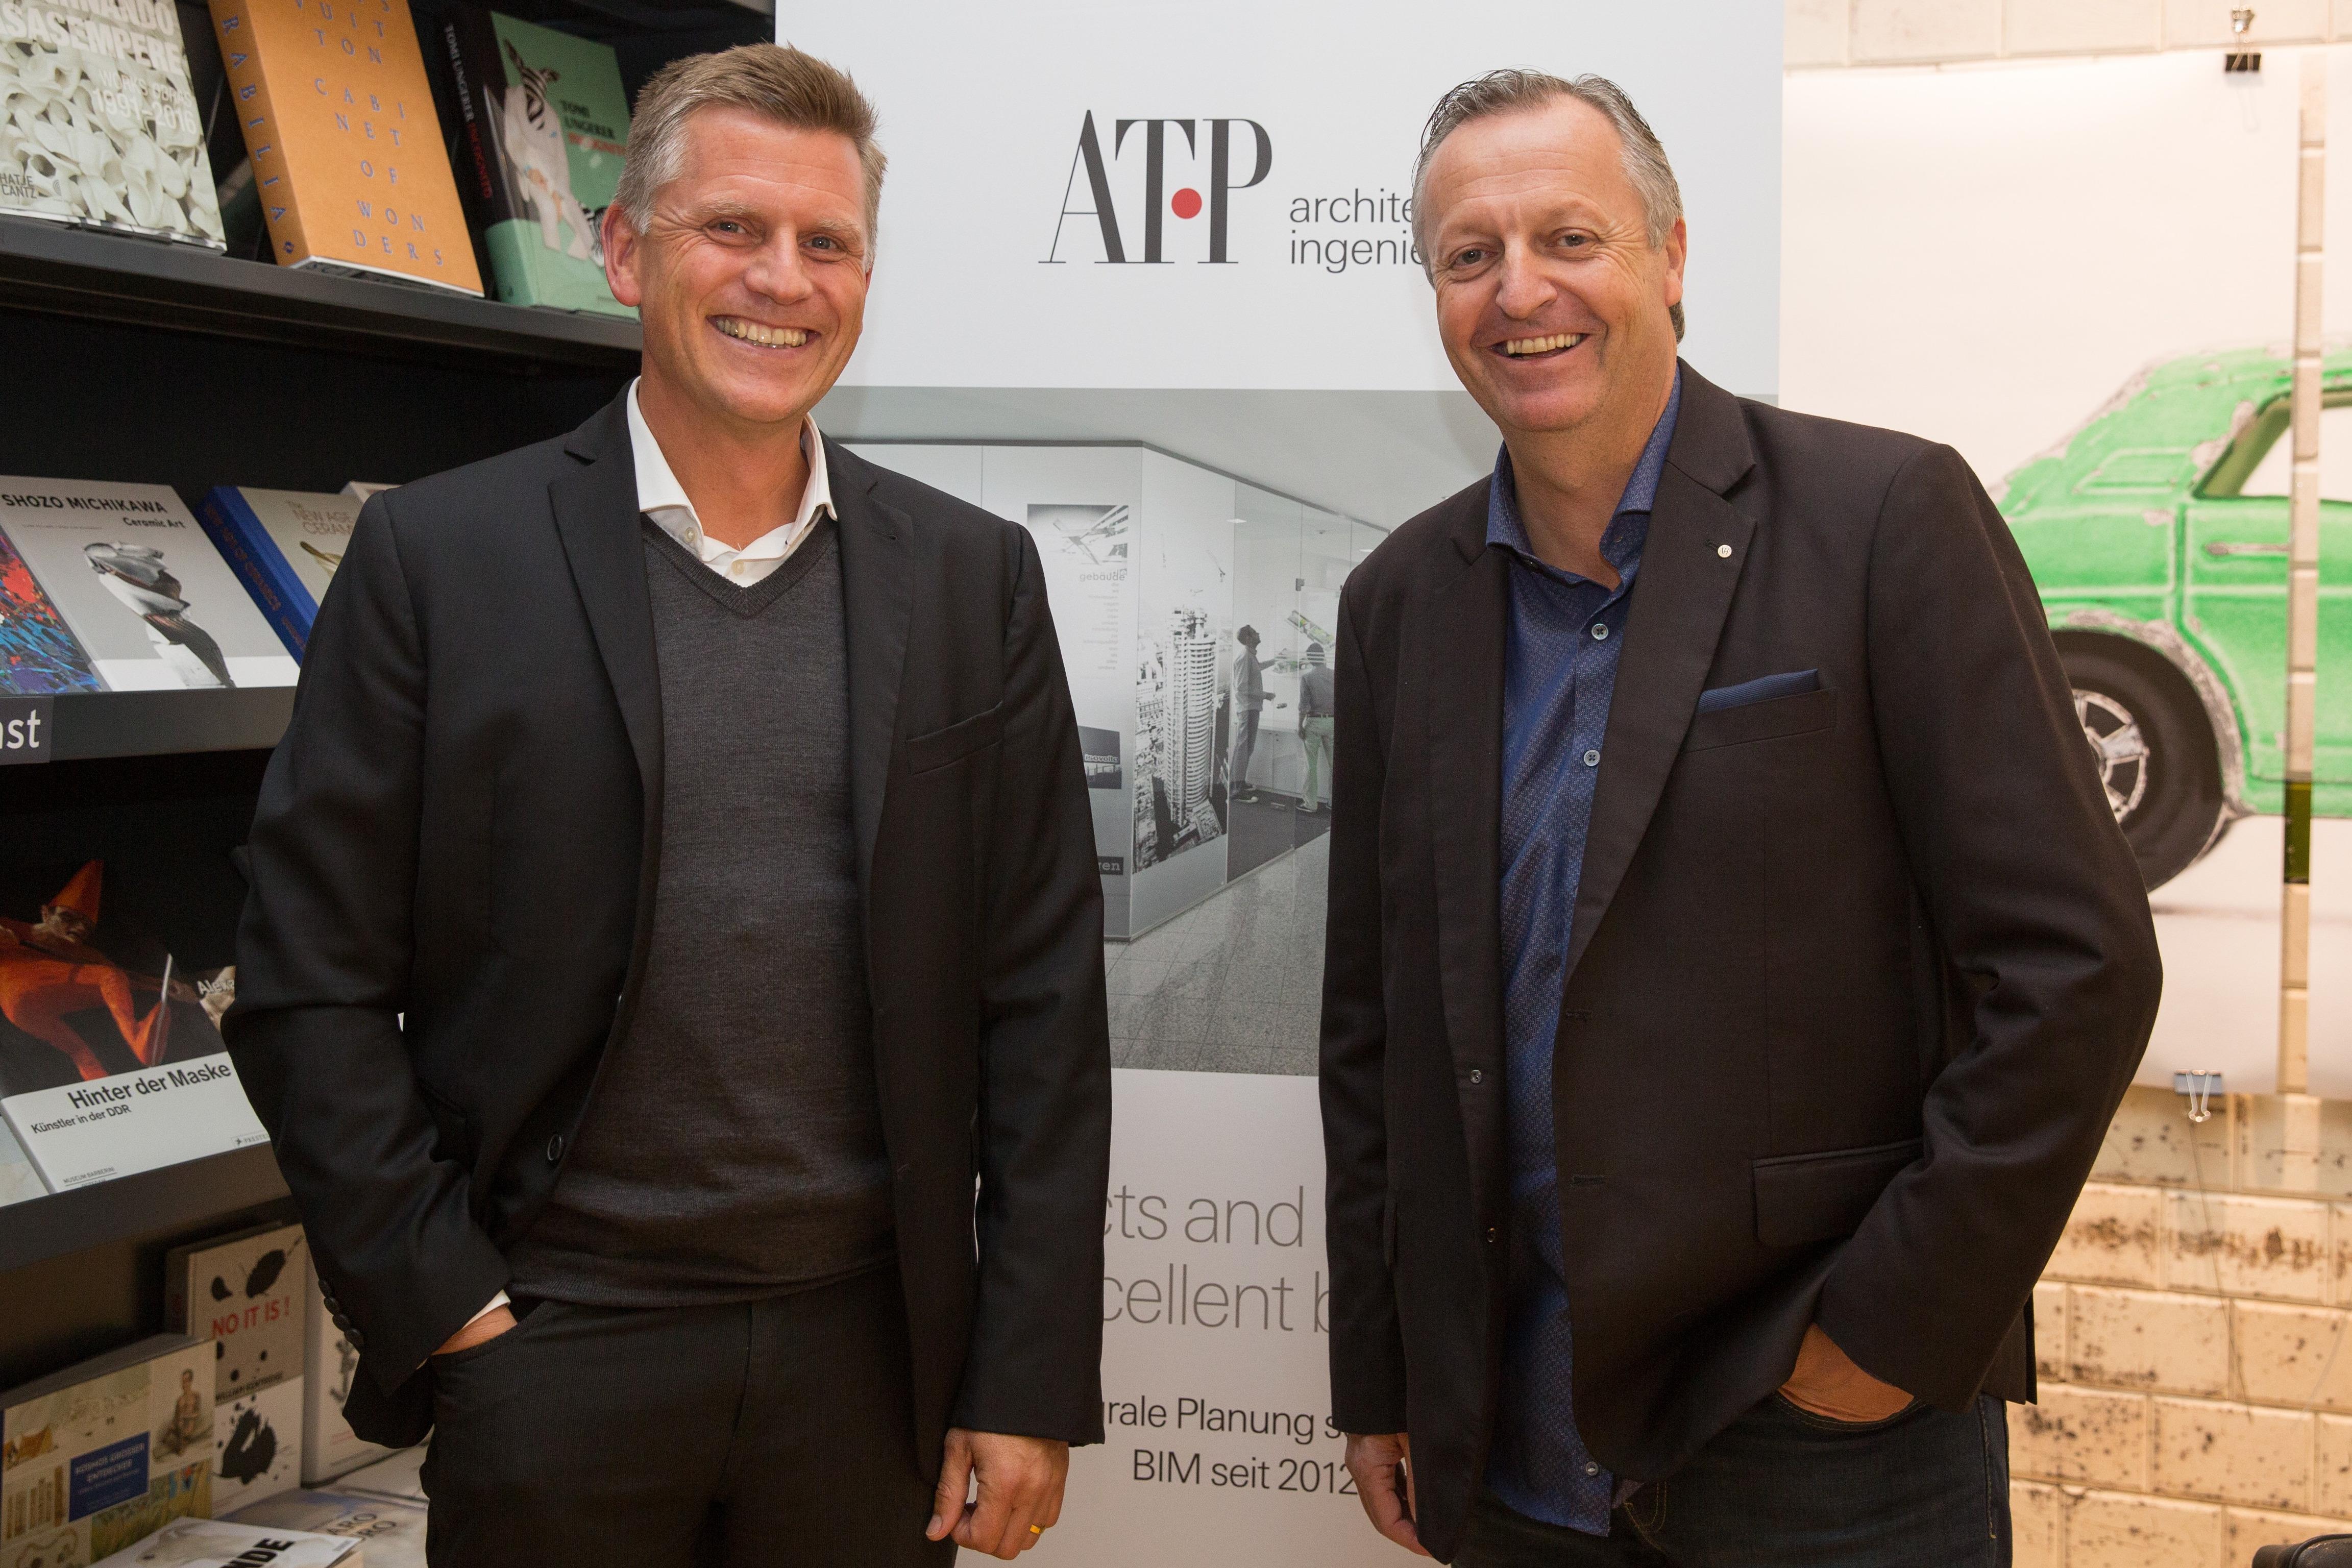 ATP-Zürich GF Matthias Wehrle und Michael Gräfensteiner freuen sich über die gelungenen Architektur FilmTage.<br><span class='image_copyright'>ATP</span><br>